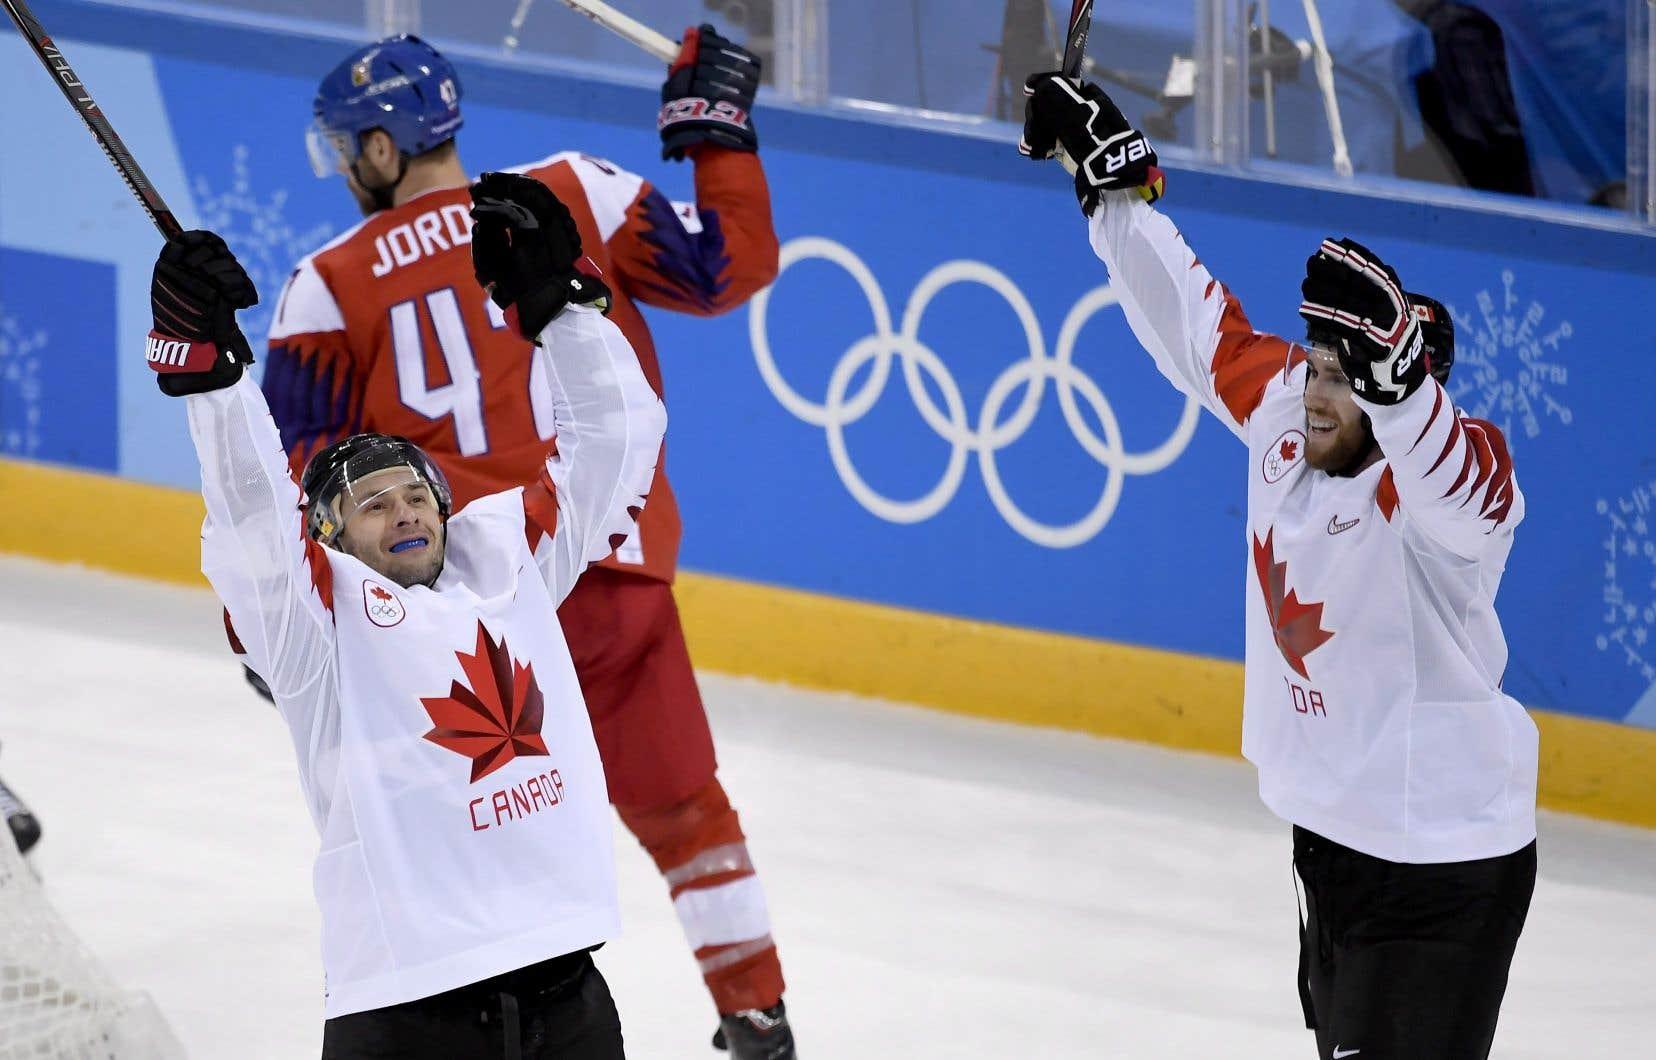 Pas de médaille pour Maxence Parrot au Big Air — Jeux olympiques